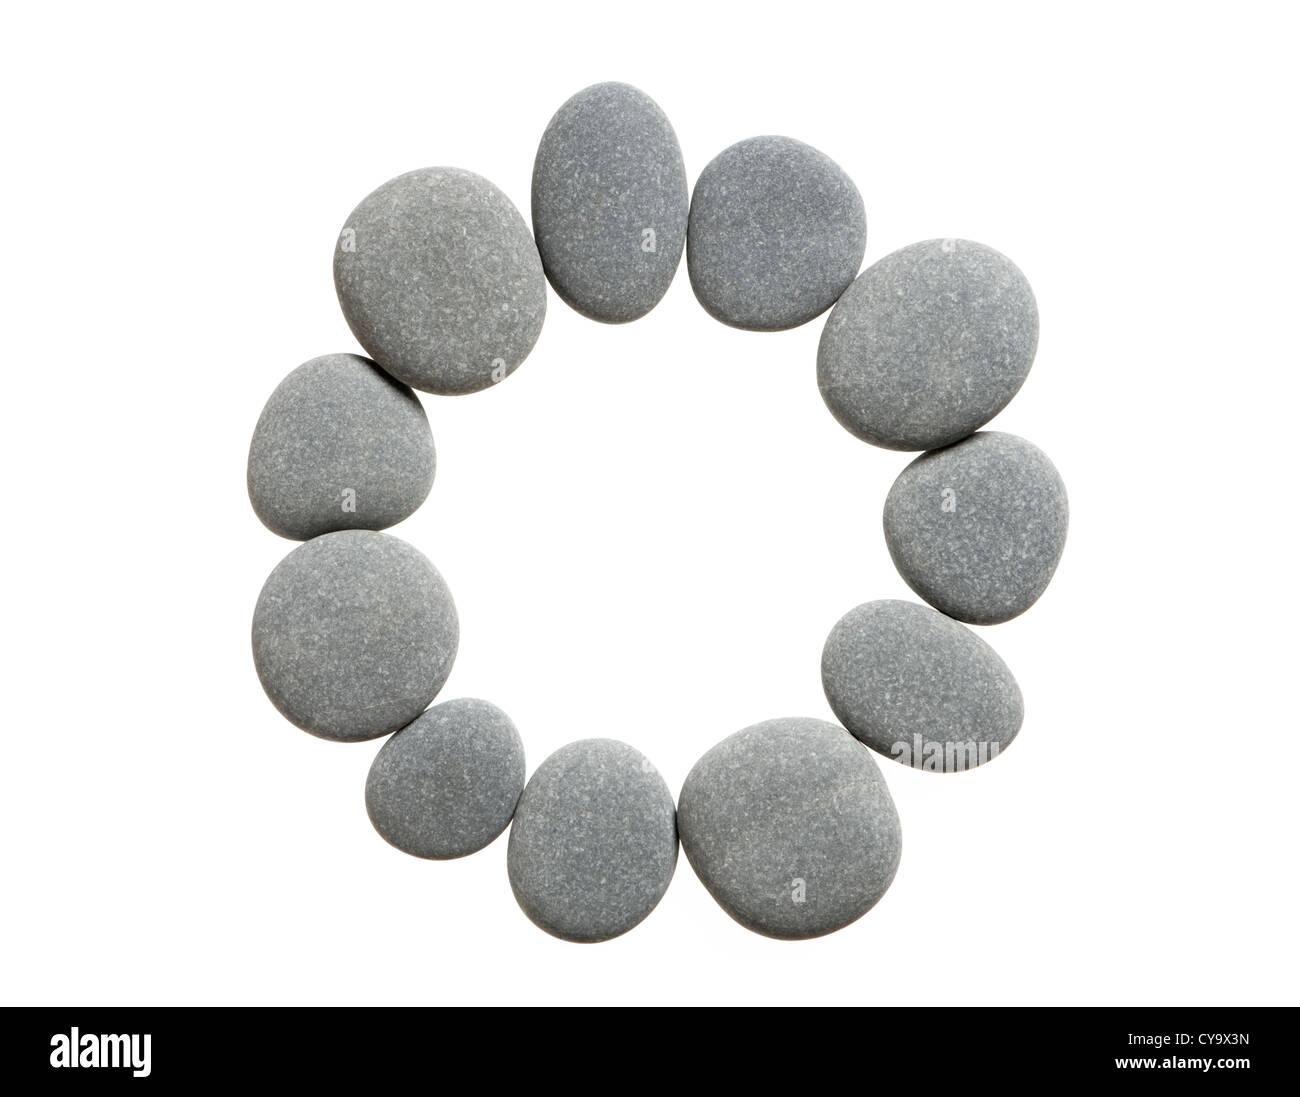 Cercle de pierres. Découpe. Photo Stock